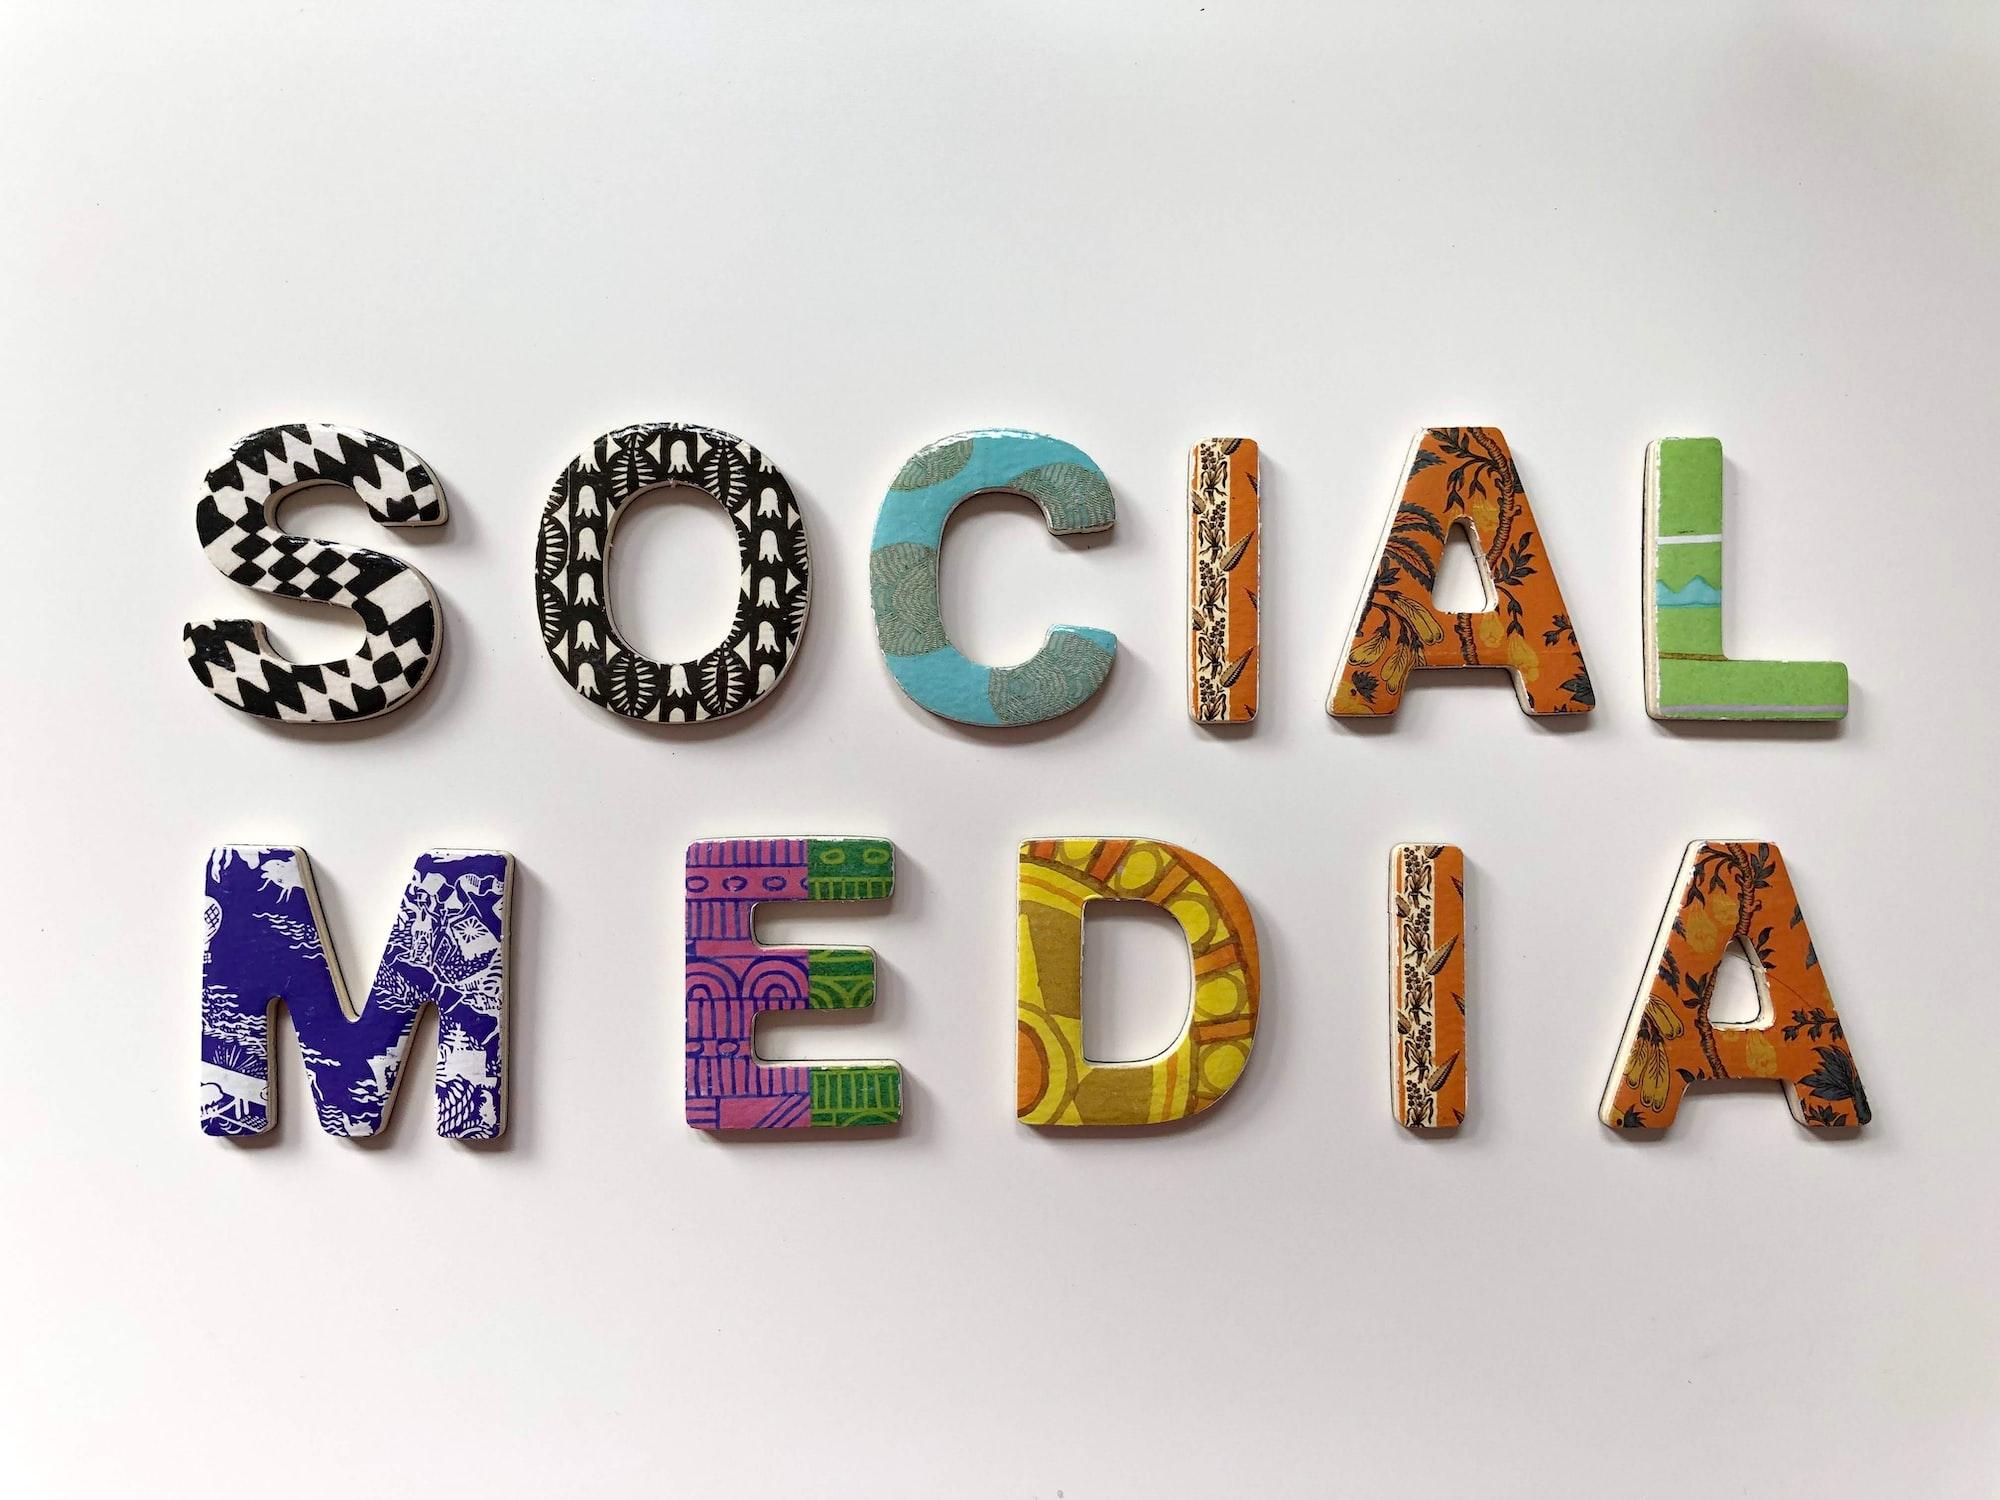 Dumping Social Media